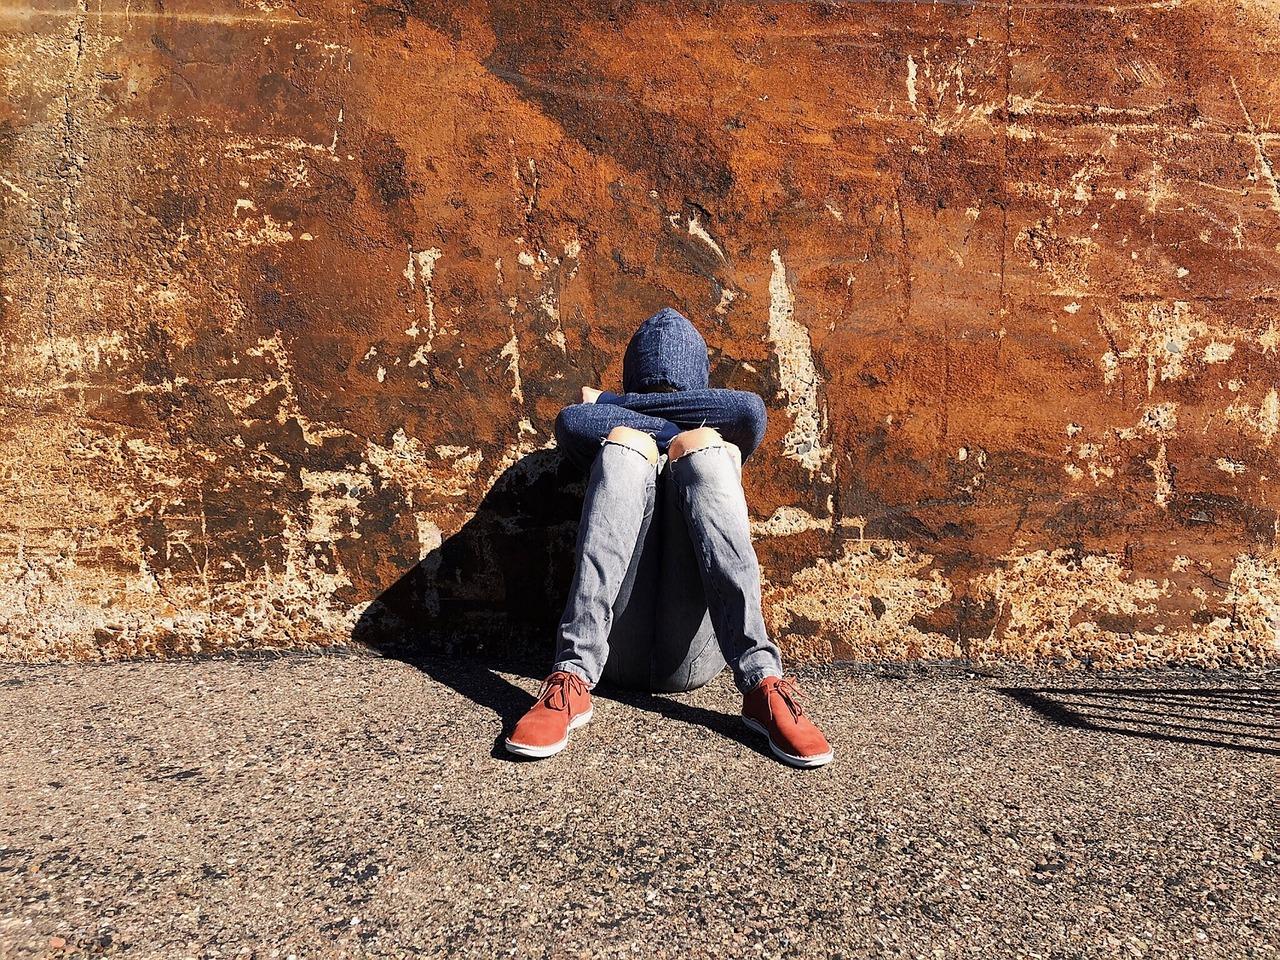 Youth Sad Young - Free photo on Pixabay